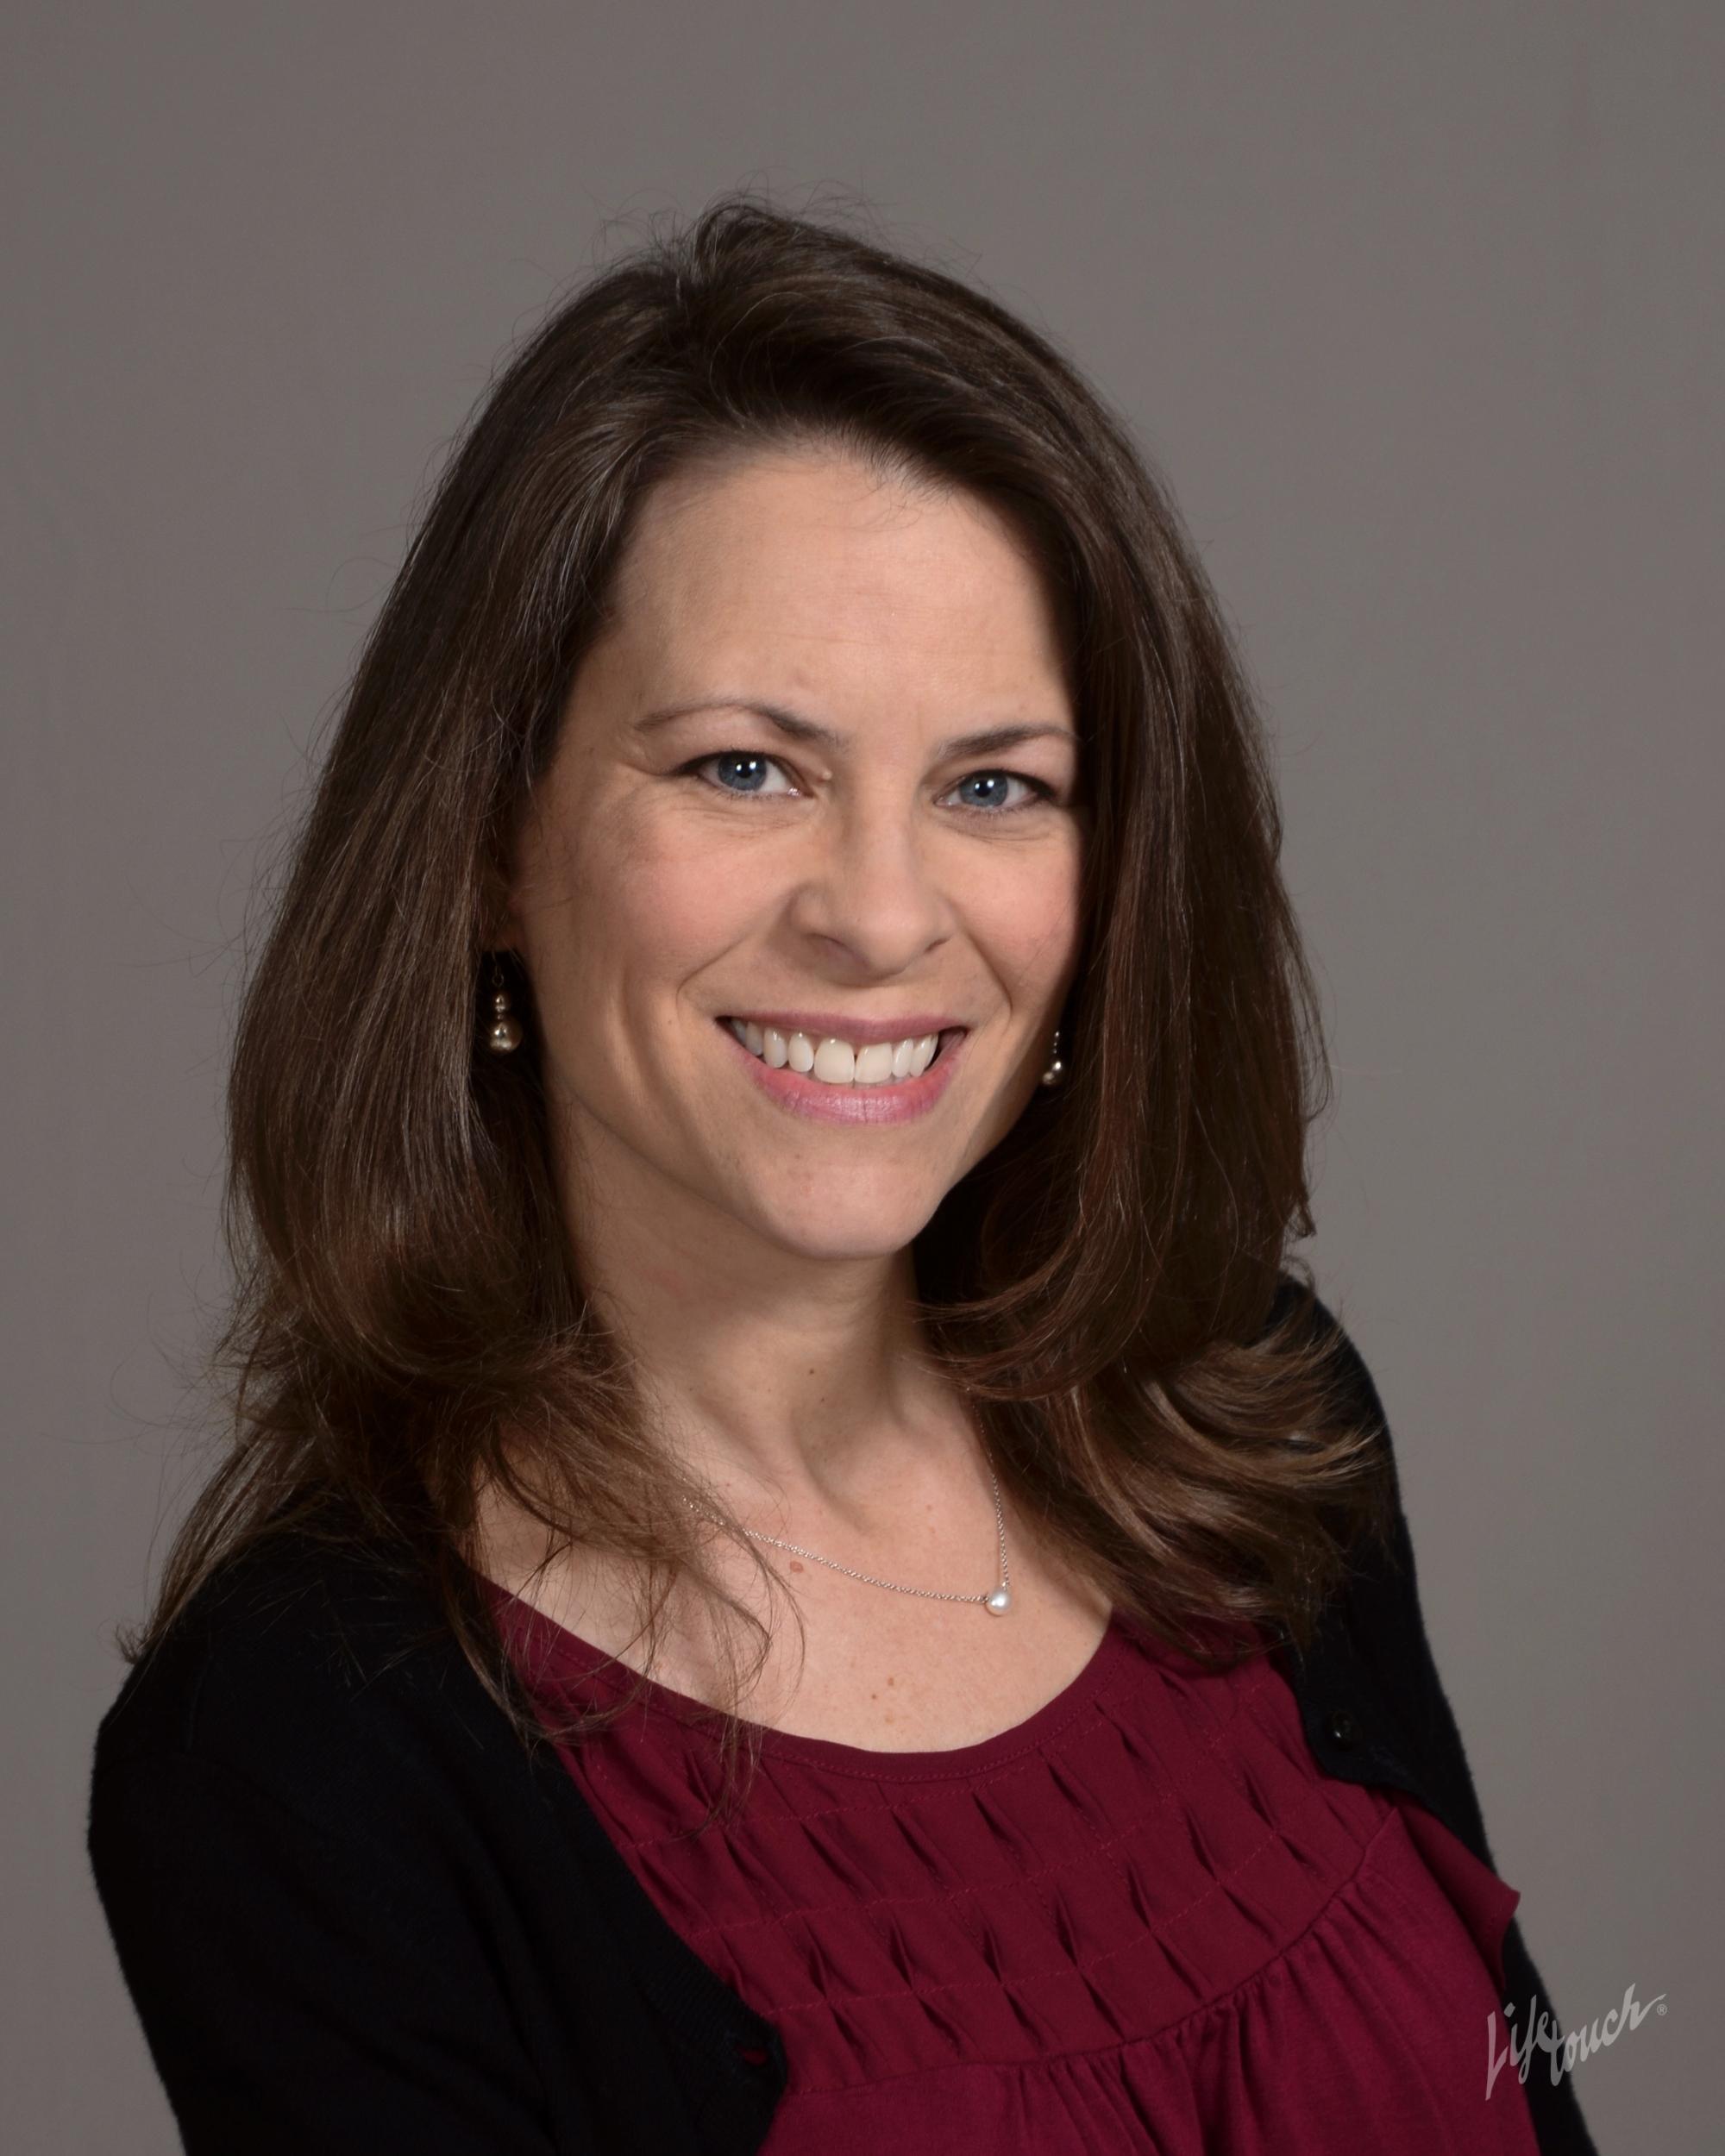 Melanie Oliver